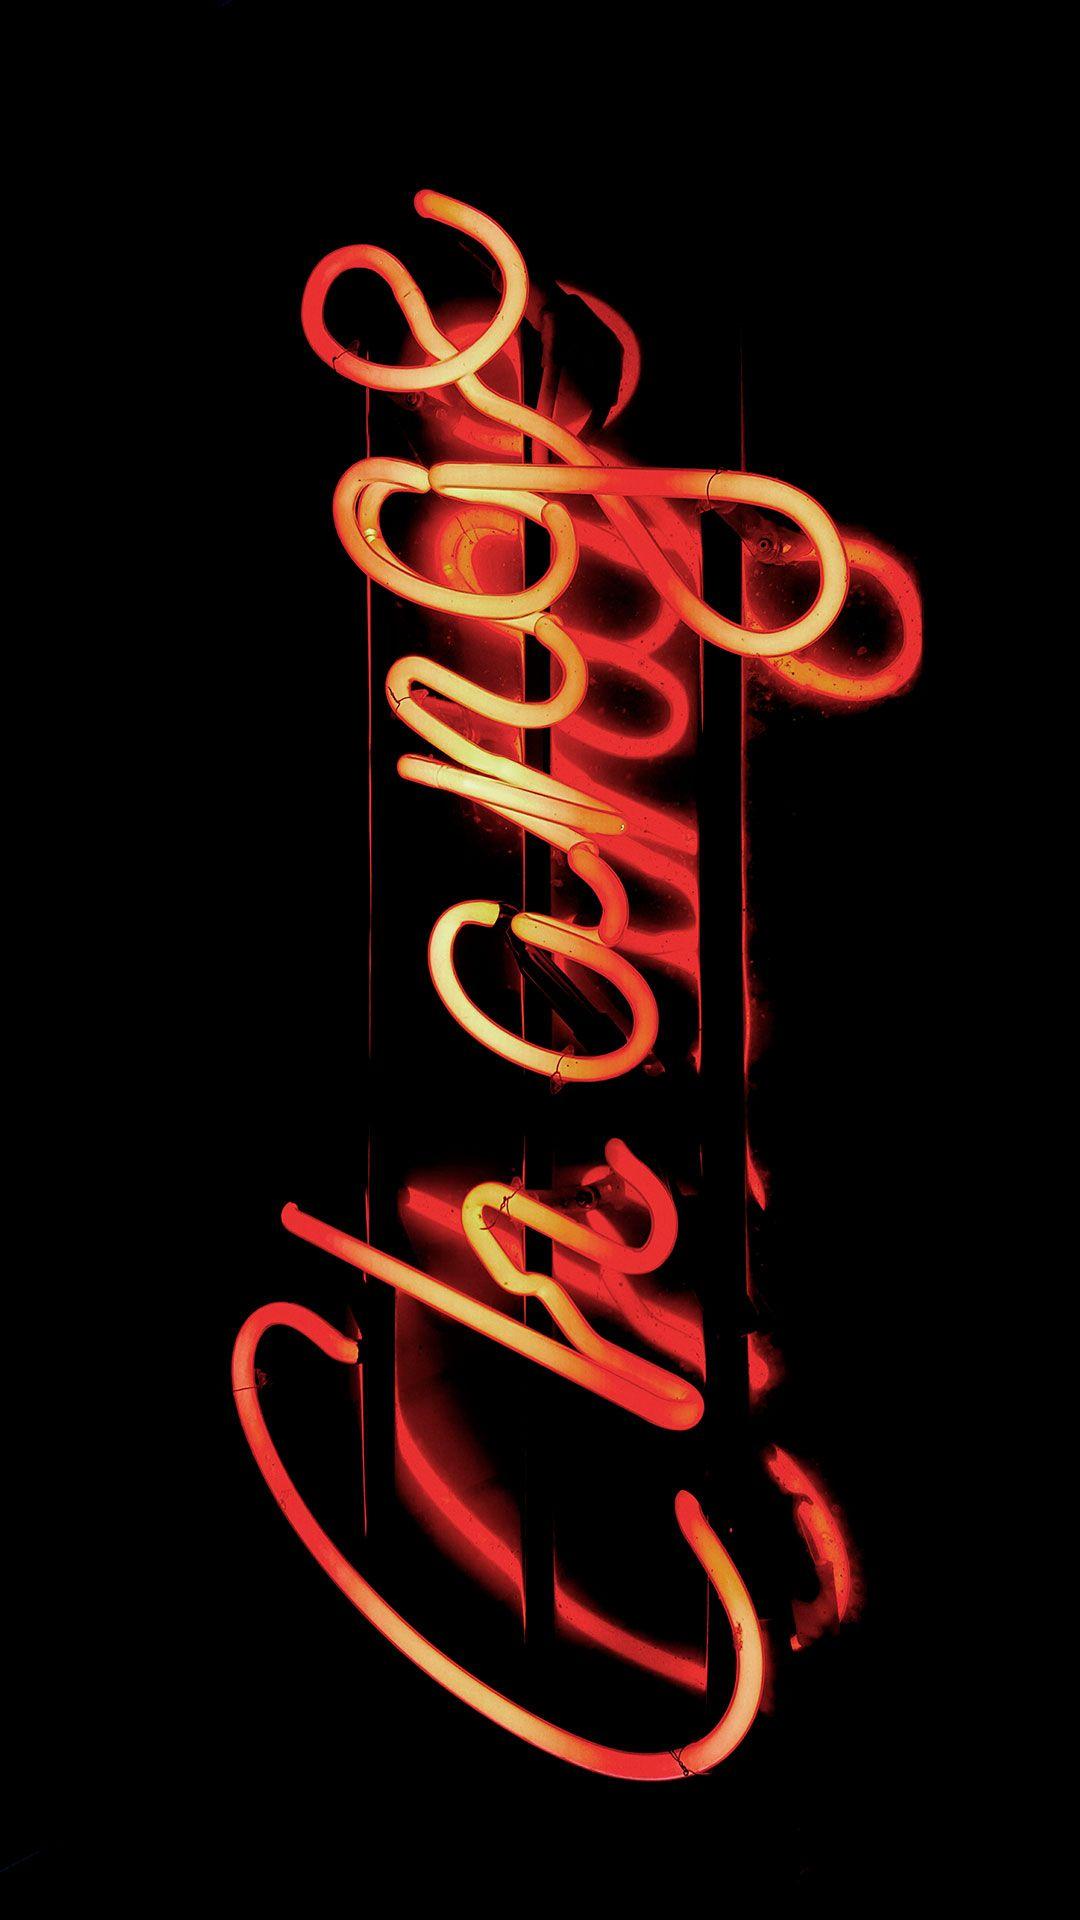 Neon Sign Wallpaper iphone neon, Neon signs, Neon wallpaper